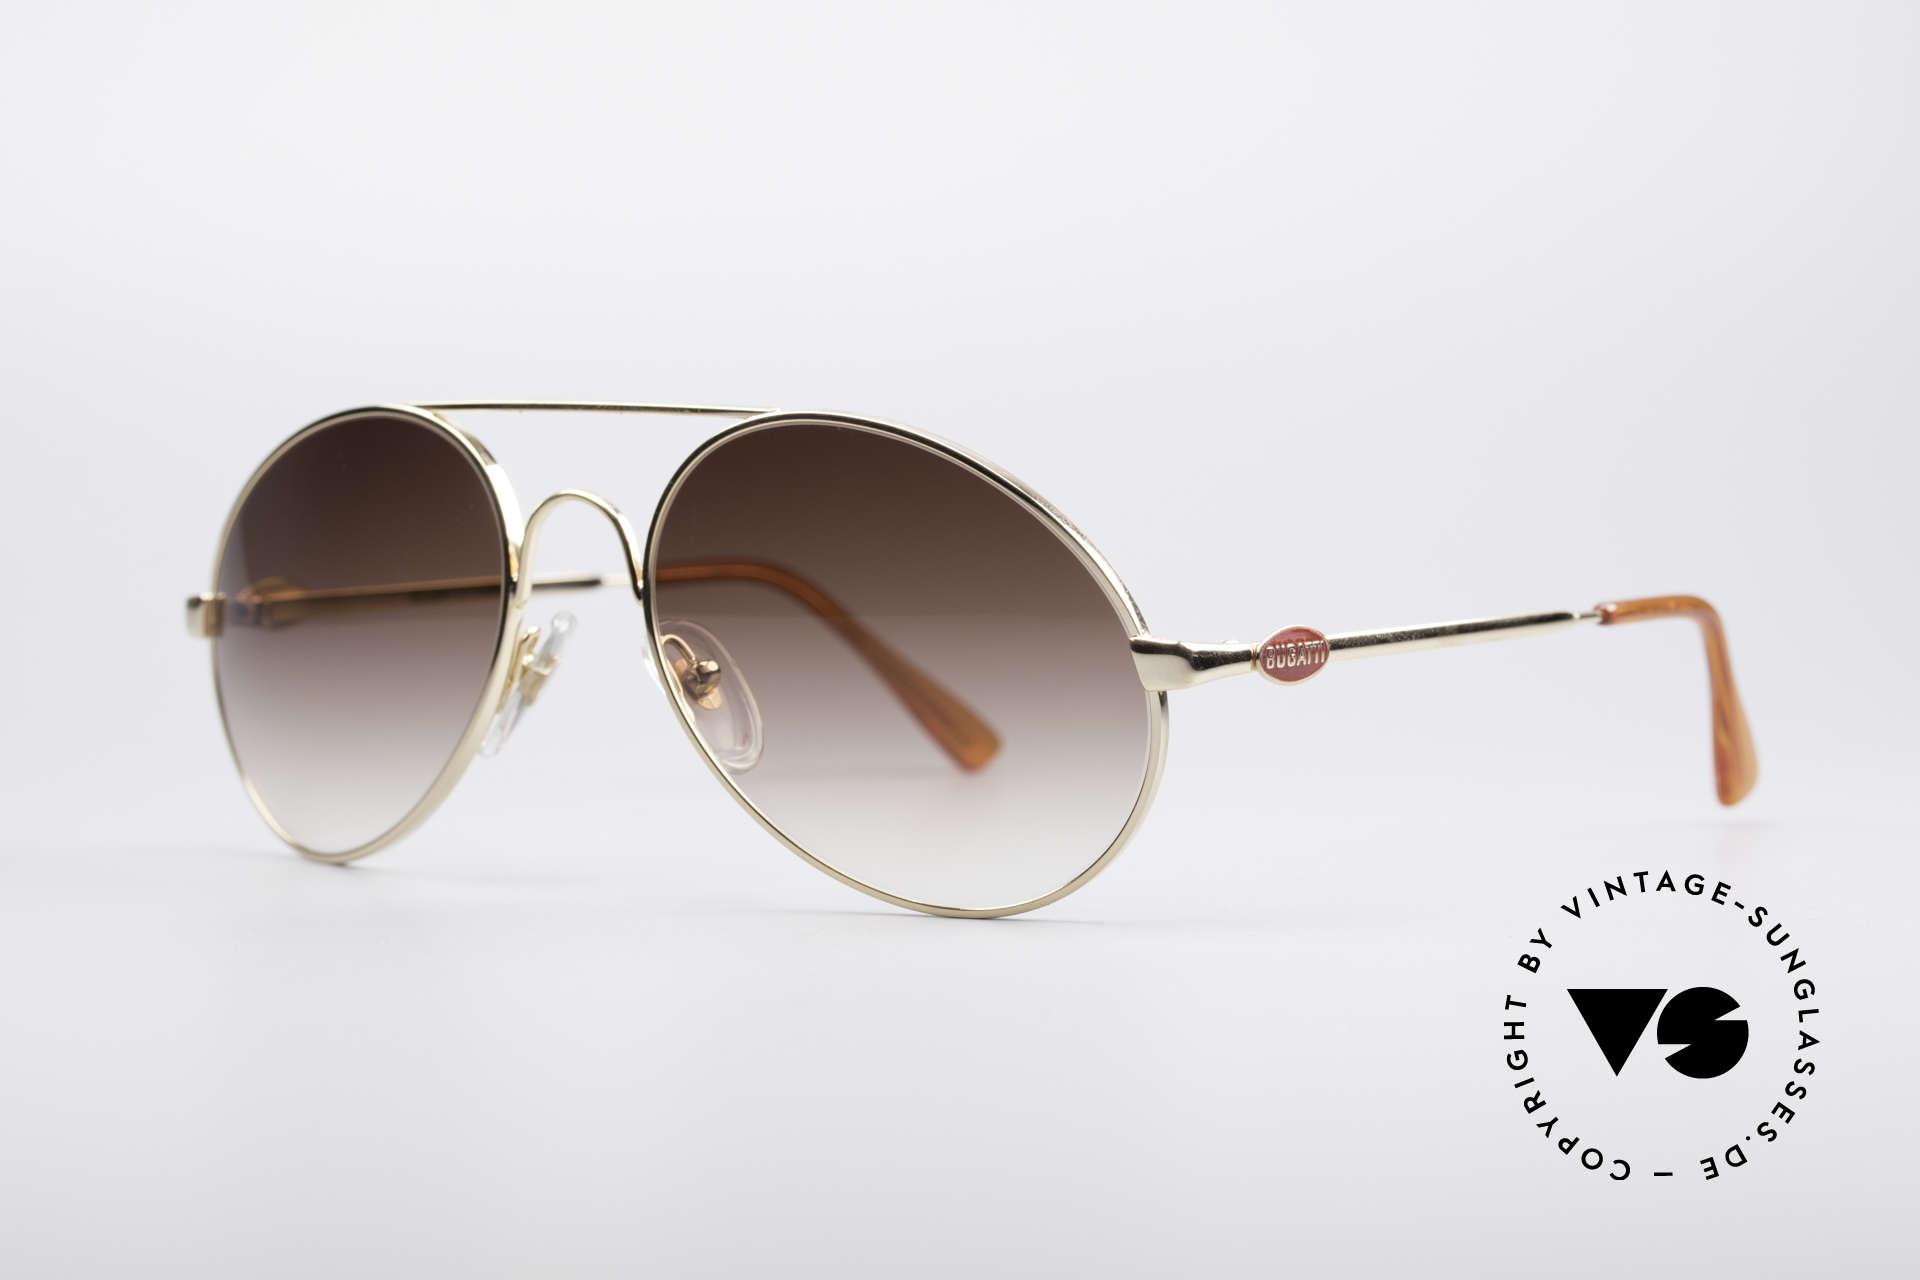 Bugatti 65986 Luxury 80's Sunglasses, gold frame & noble brown-gradient sun lenses, Made for Men